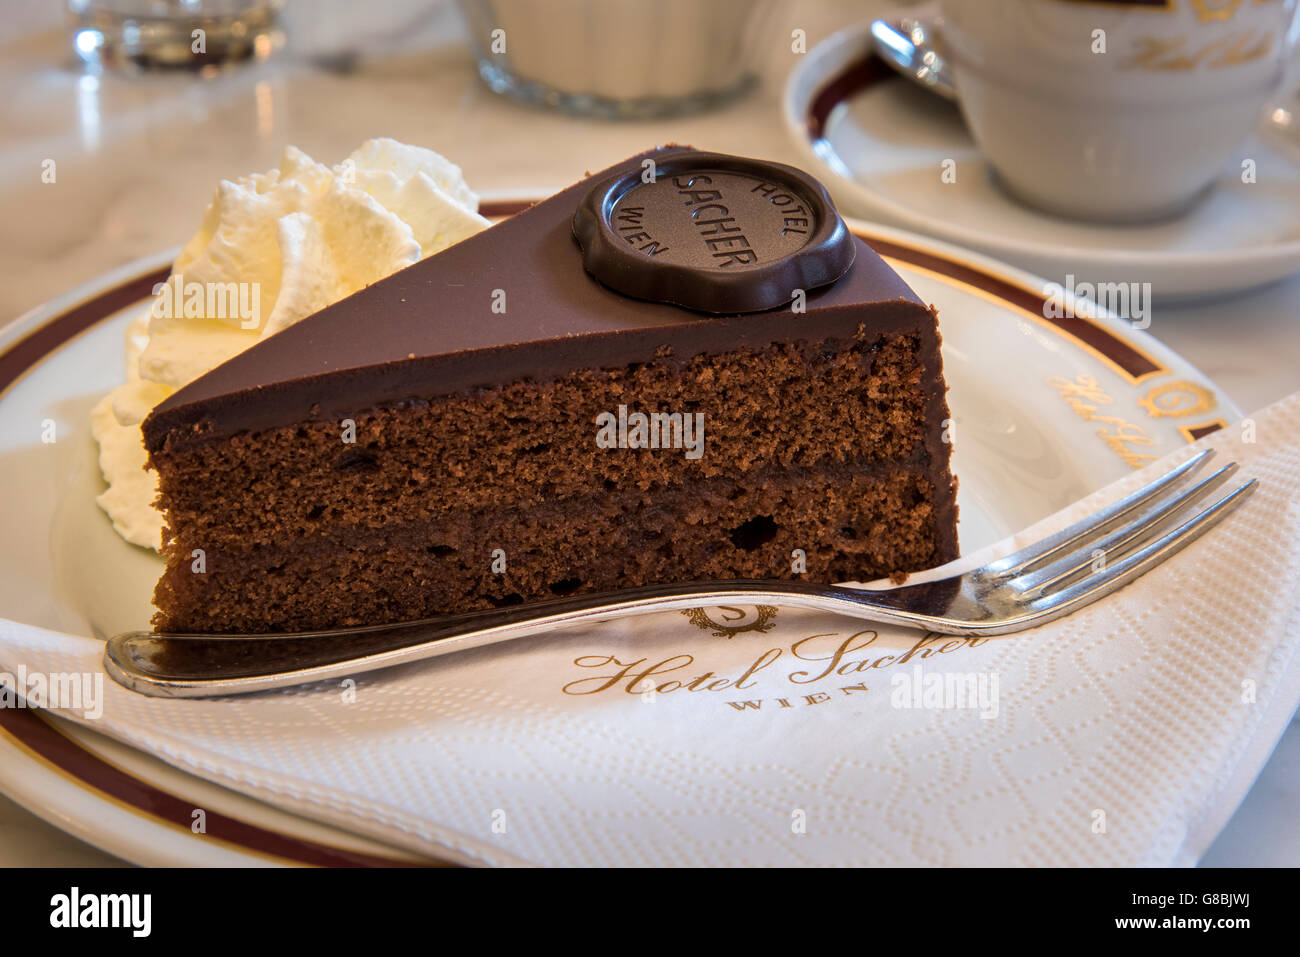 L'originale Sachertorte torta al cioccolato servita presso il Cafe Sacher, Hotel Sacher di Vienna, Austria Immagini Stock